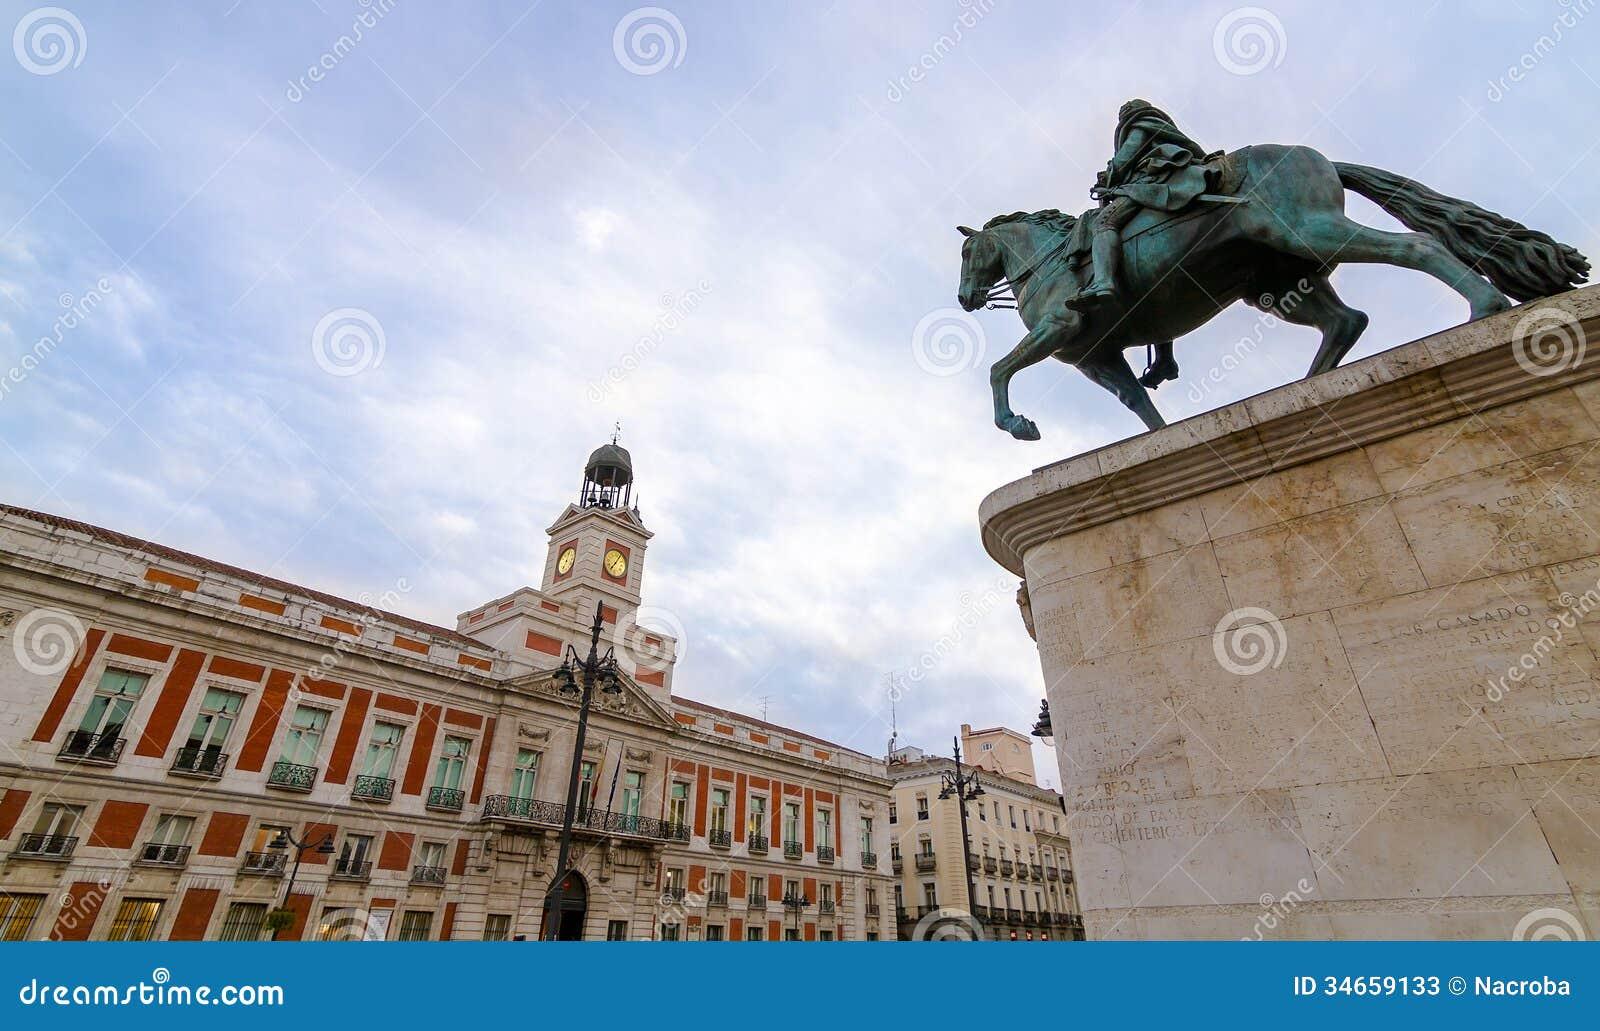 Puerta del sol stock photos image 34659133 for Casa de correos madrid